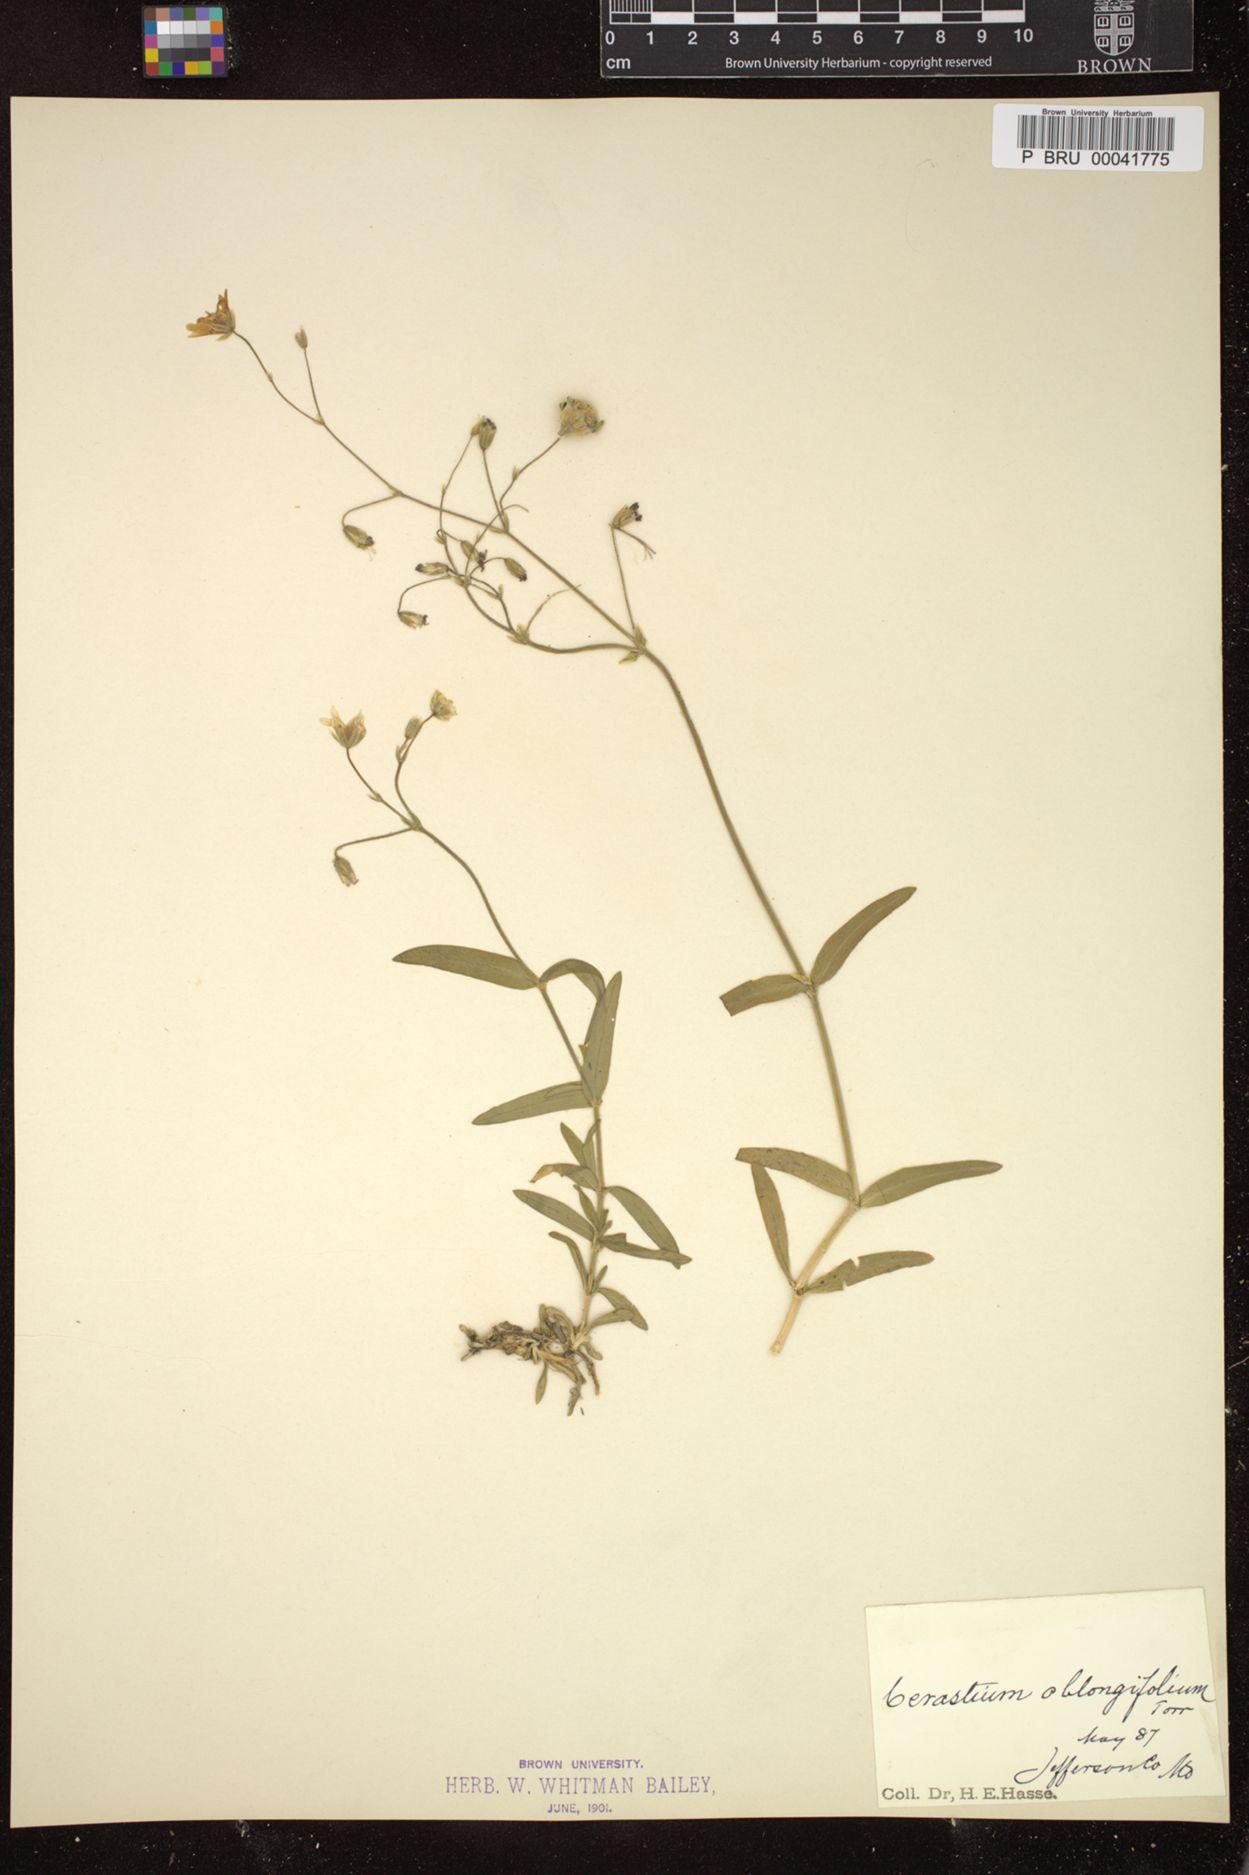 Cerastium oblongifolium image